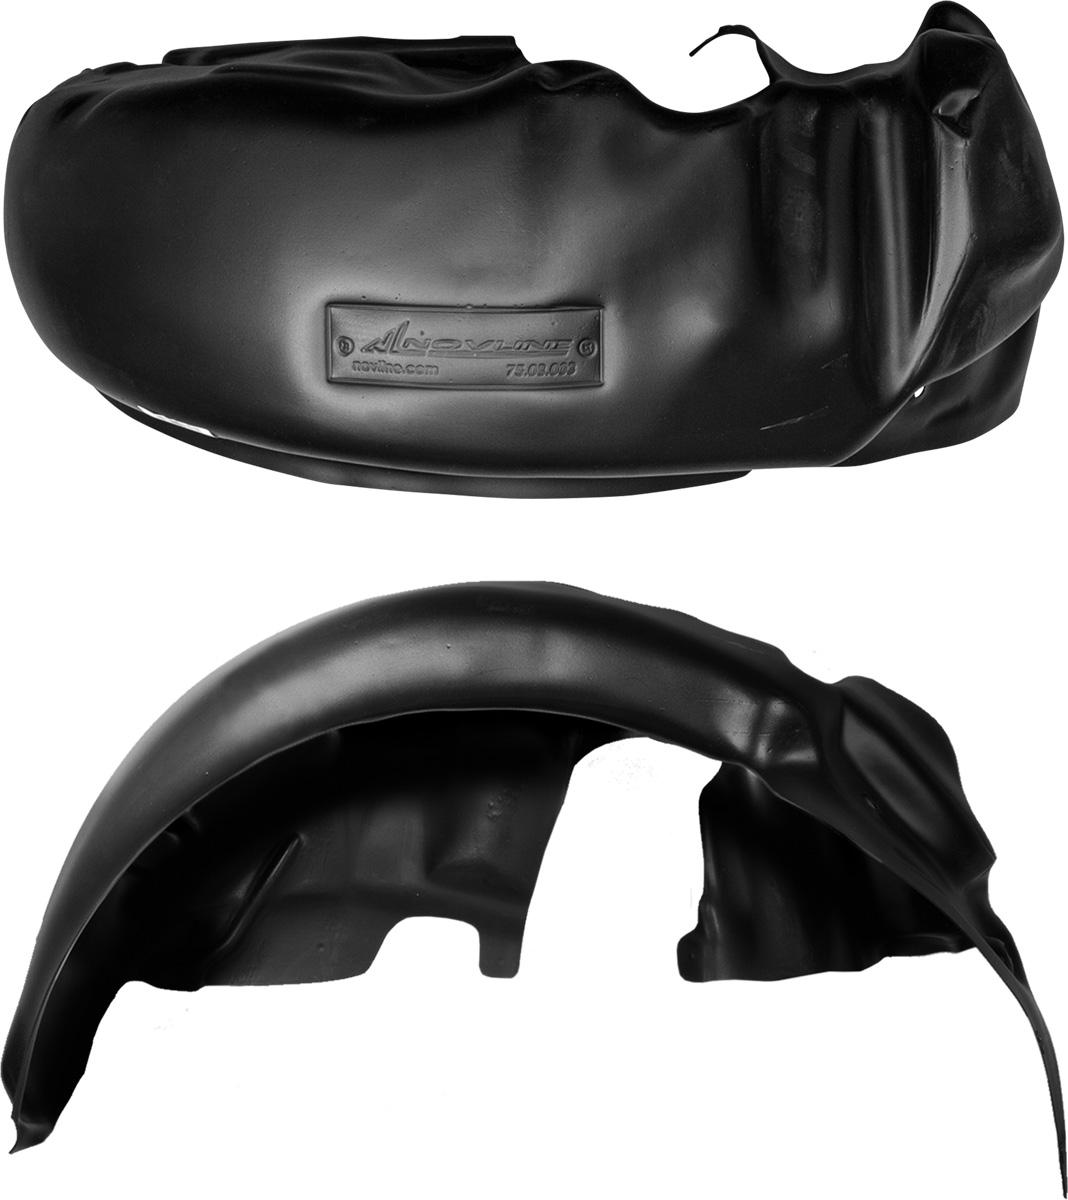 Подкрылок Novline-Autofamily, для Lada Priora, 2007 ->, задний правый234100Колесные ниши - одни из самых уязвимых зон днища вашего автомобиля. Они постоянно подвергаются воздействию со стороны дороги. Лучшая, почти абсолютная защита для них - специально отформованные пластиковые кожухи, которые называются подкрылками. Производятся они как для отечественных моделей автомобилей, так и для иномарок. Подкрылки Novline-Autofamily выполнены из высококачественного, экологически чистого пластика. Обеспечивают надежную защиту кузова автомобиля от пескоструйного эффекта и негативного влияния, агрессивных антигололедных реагентов. Пластик обладает более низкой теплопроводностью, чем металл, поэтому в зимний период эксплуатации использование пластиковых подкрылков позволяет лучше защитить колесные ниши от налипания снега и образования наледи. Оригинальность конструкции подчеркивает элегантность автомобиля, бережно защищает нанесенное на днище кузова антикоррозийное покрытие и позволяет осуществить крепление подкрылков внутри колесной арки практически без дополнительного крепежа и сверления, не нарушая при этом лакокрасочного покрытия, что предотвращает возникновение новых очагов коррозии. Подкрылки долговечны, обладают высокой прочностью и сохраняют заданную форму, а также все свои физико-механические характеристики в самых тяжелых климатических условиях (от -50°С до +50°С).Уважаемые клиенты!Обращаем ваше внимание, на тот факт, что подкрылок имеет форму, соответствующую модели данного автомобиля. Фото служит для визуального восприятия товара.